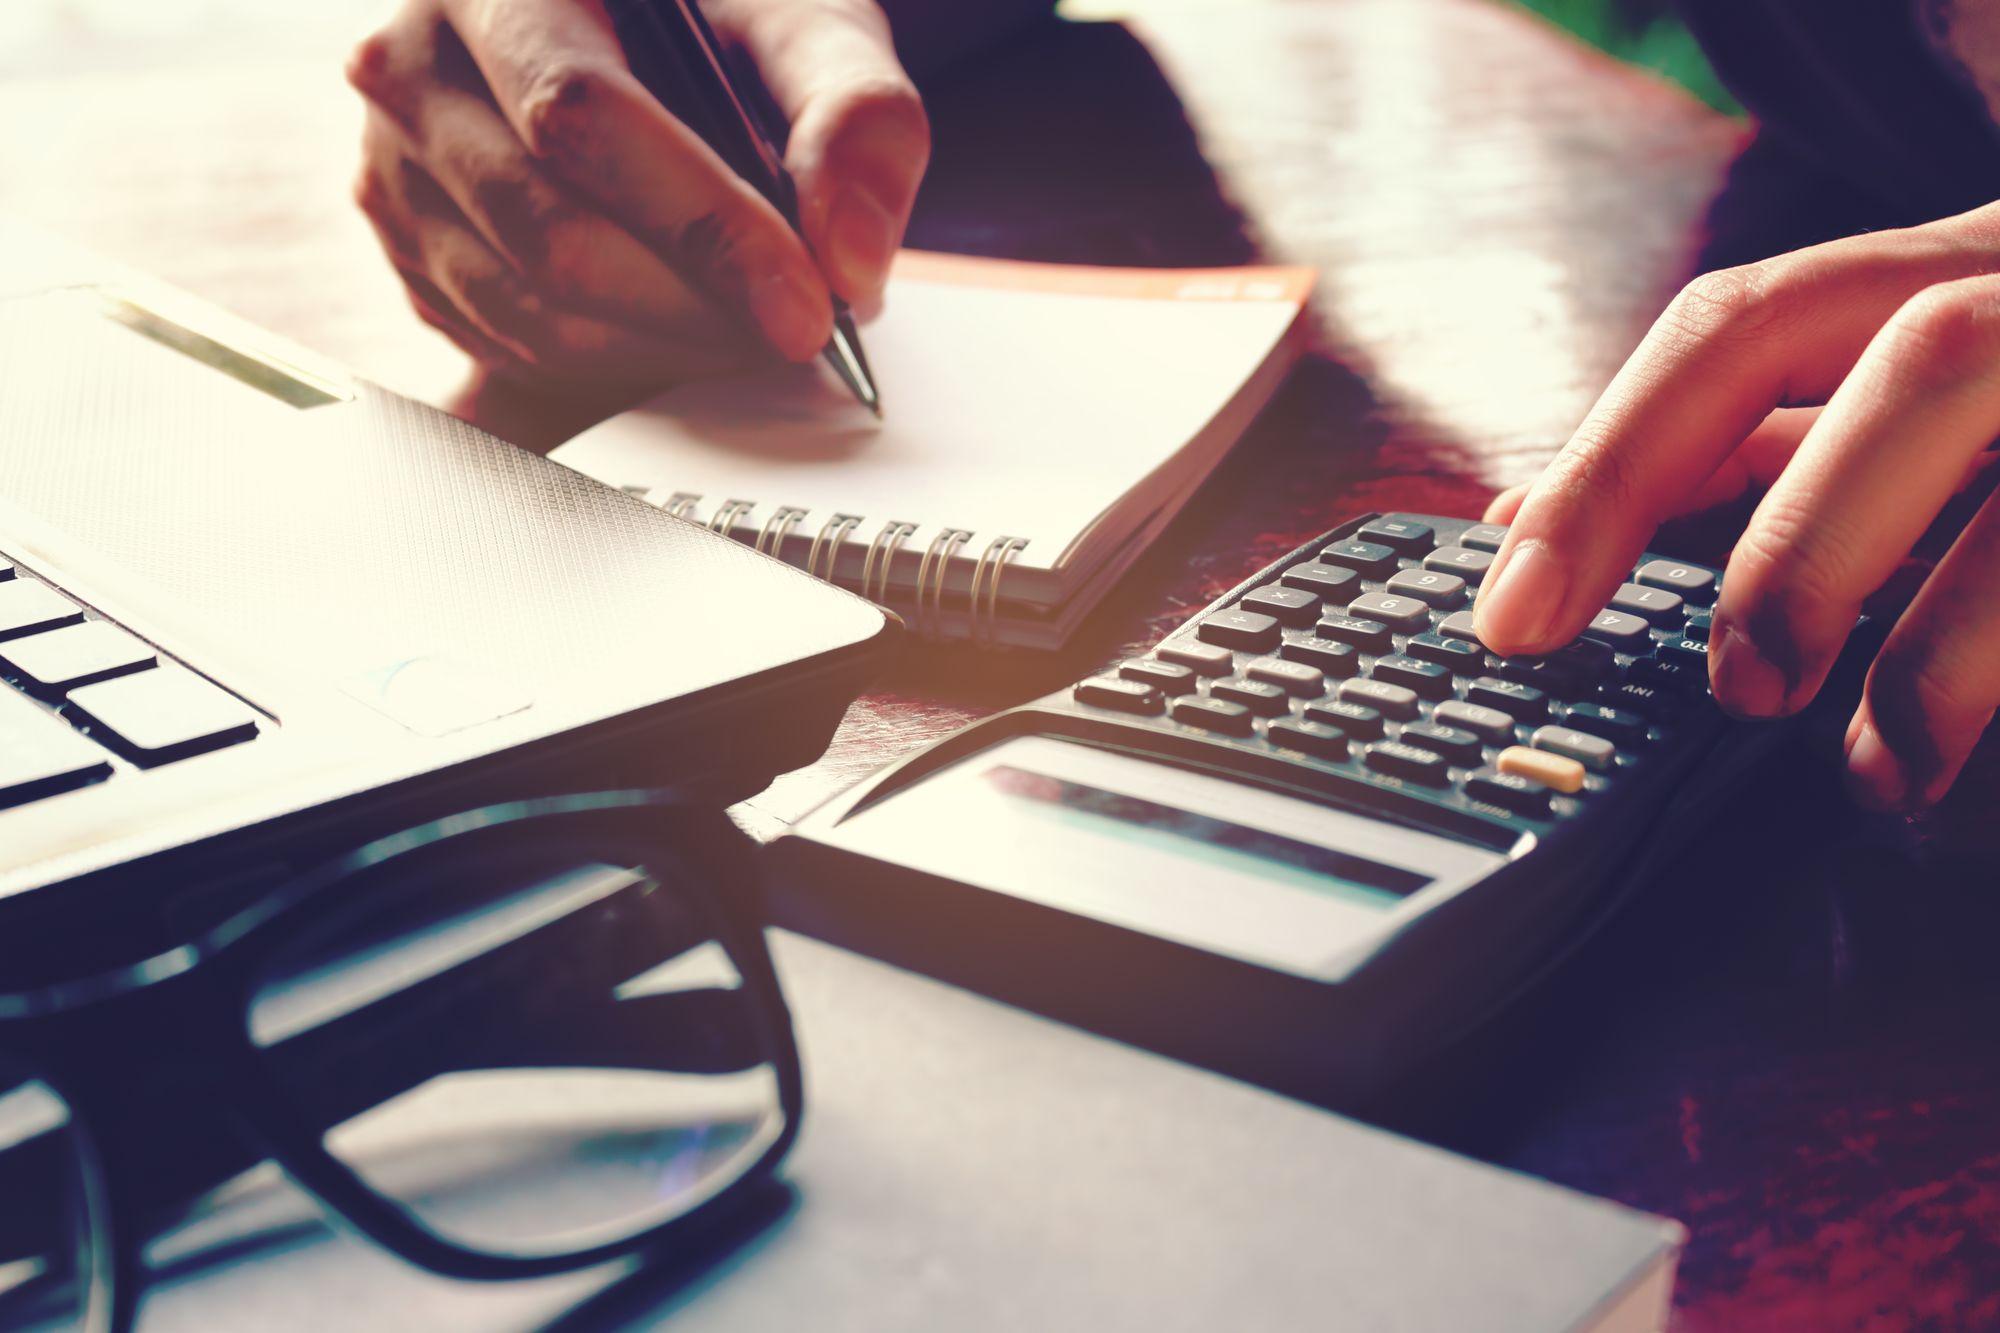 mężczyzna pracujący przy komputerze z kalkulatorem